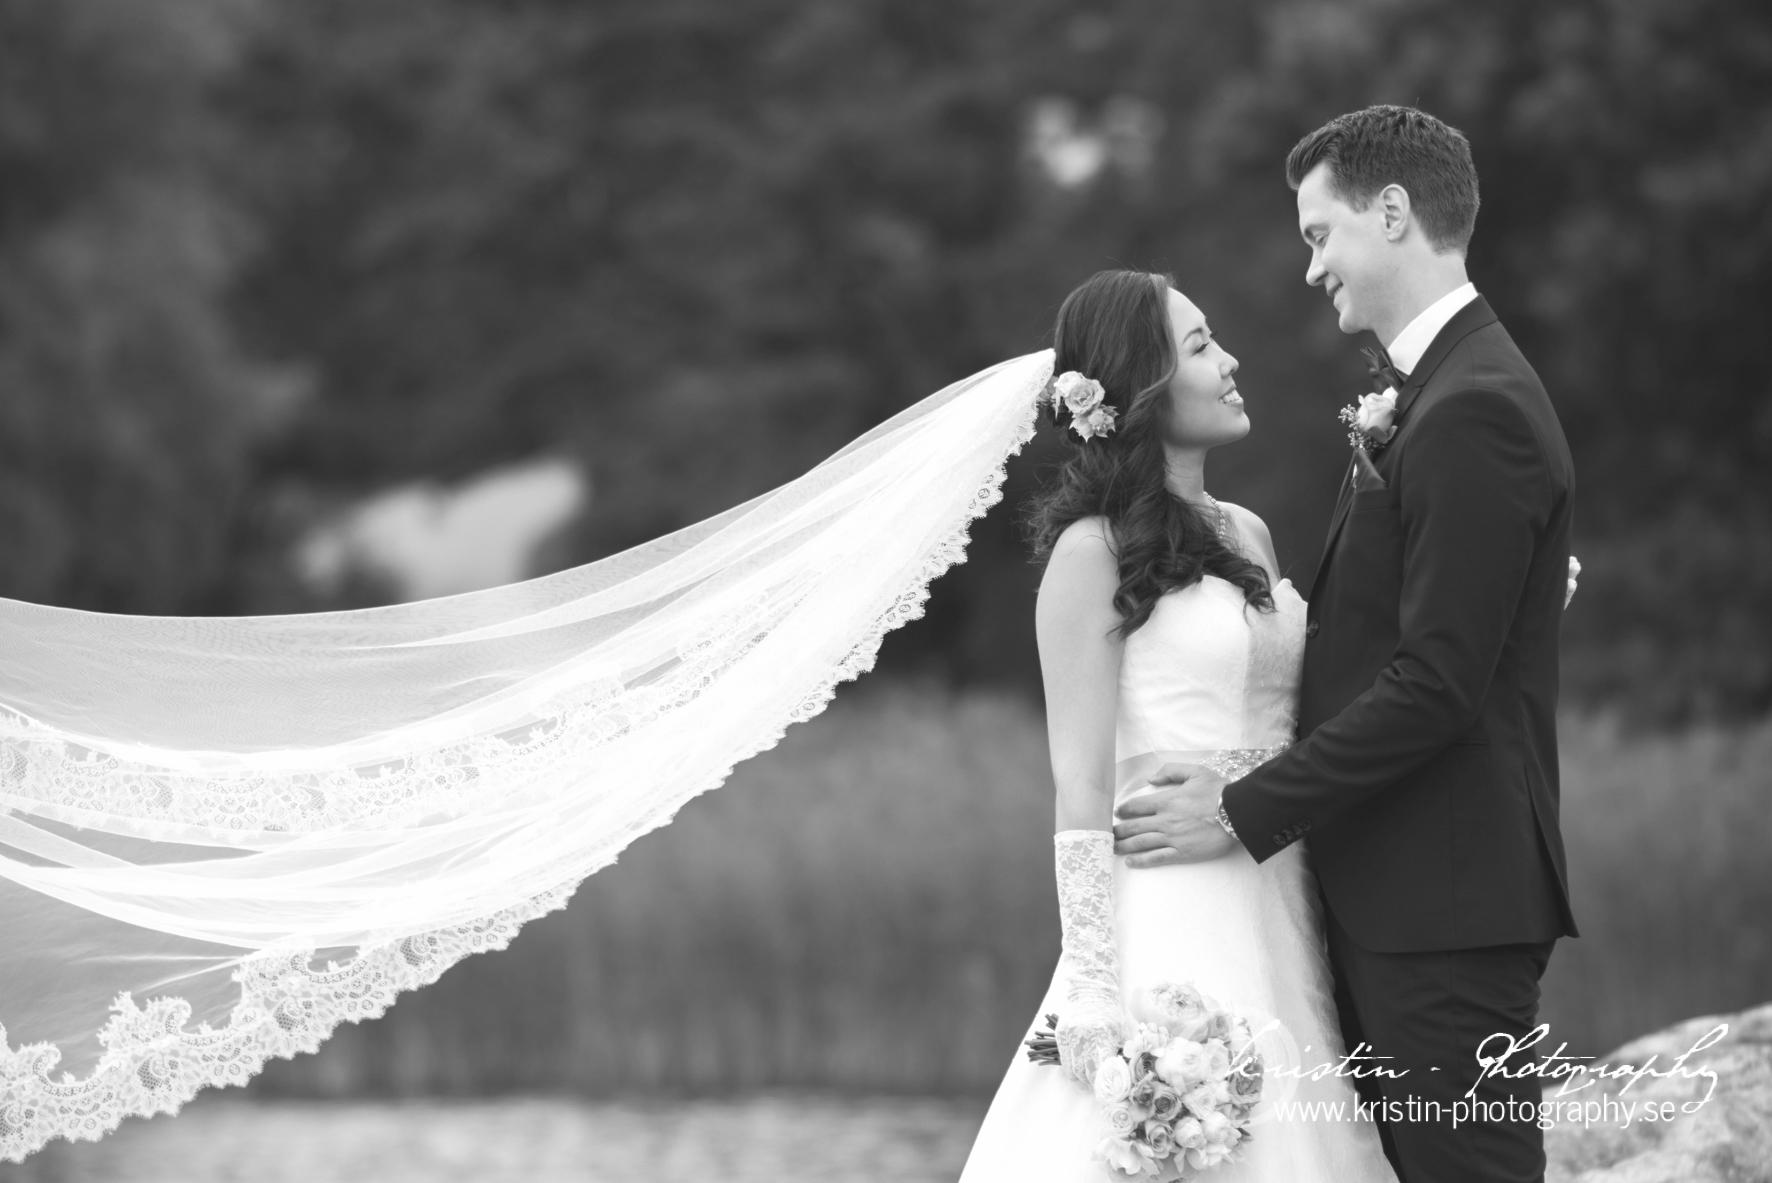 Bröllopsfotograf i Eskilstuna, Kristin - Photography-95A.jpg